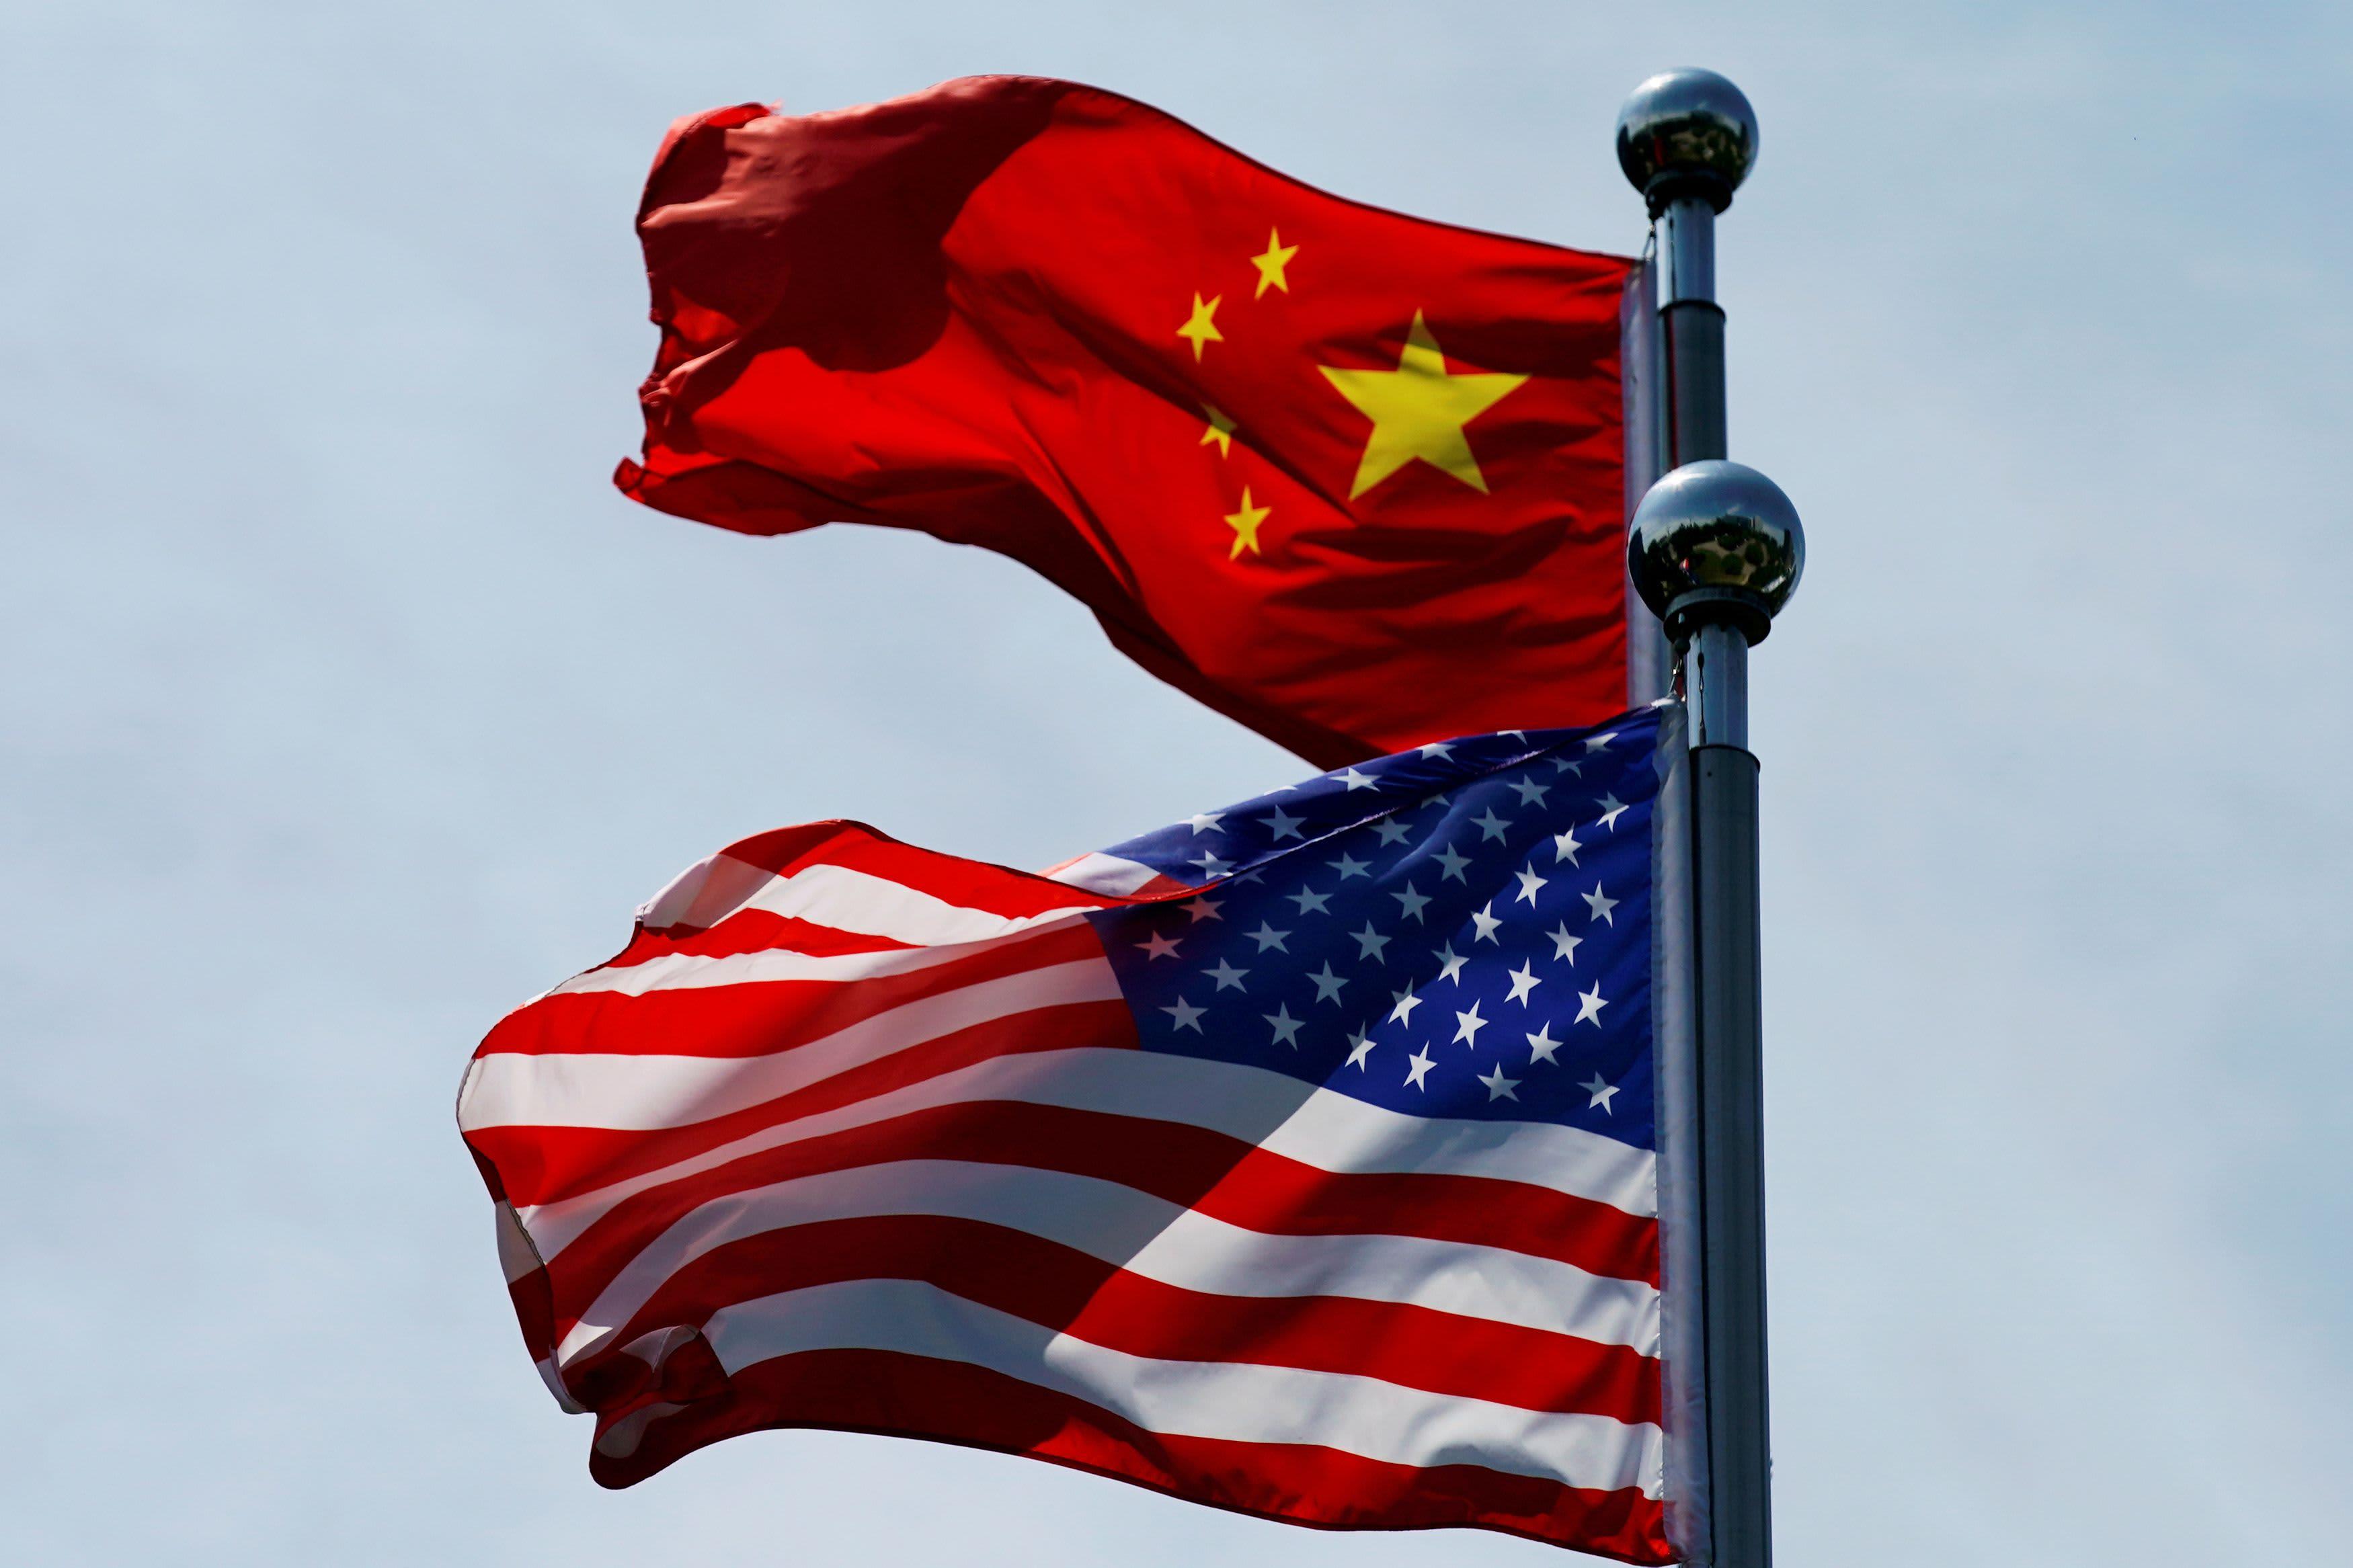 【时政大视野】第33期:美国对中外交政策和关系的新走势